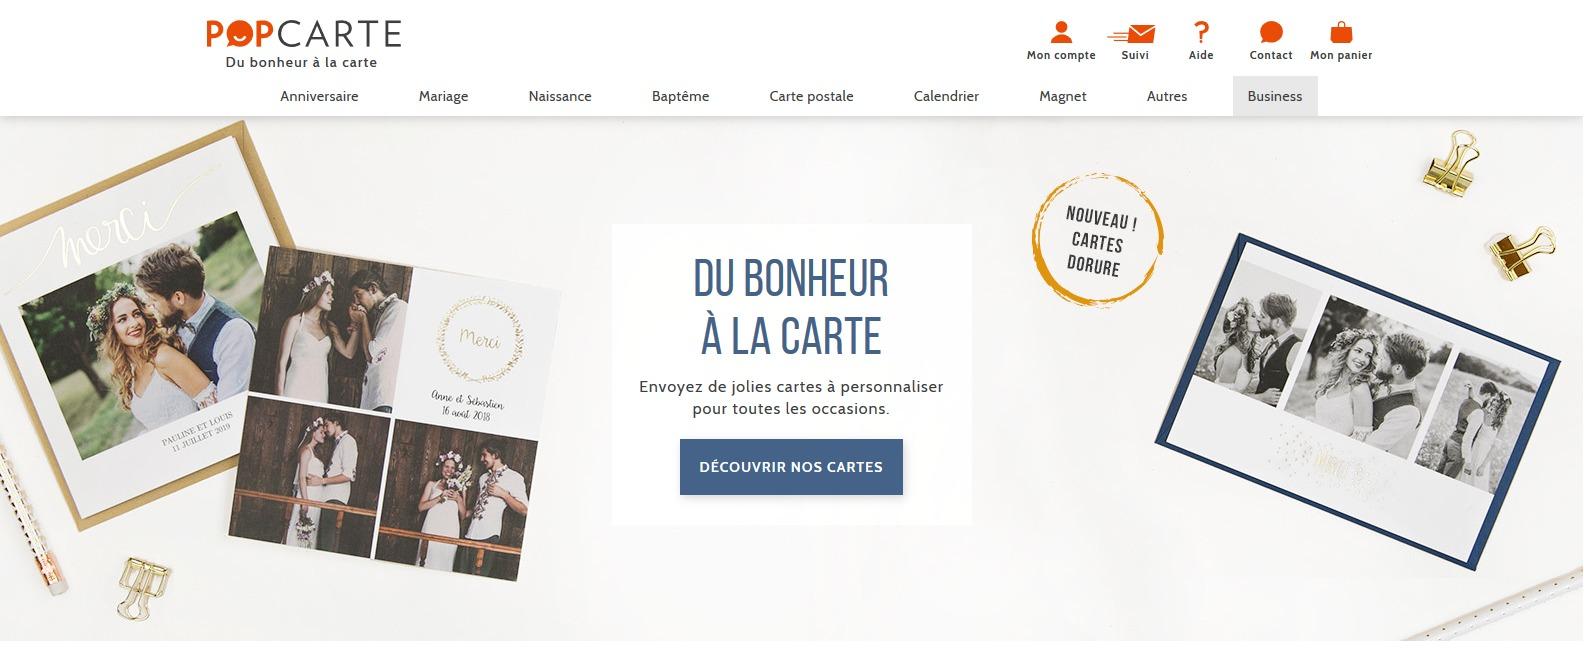 Présentation du site Popcartes